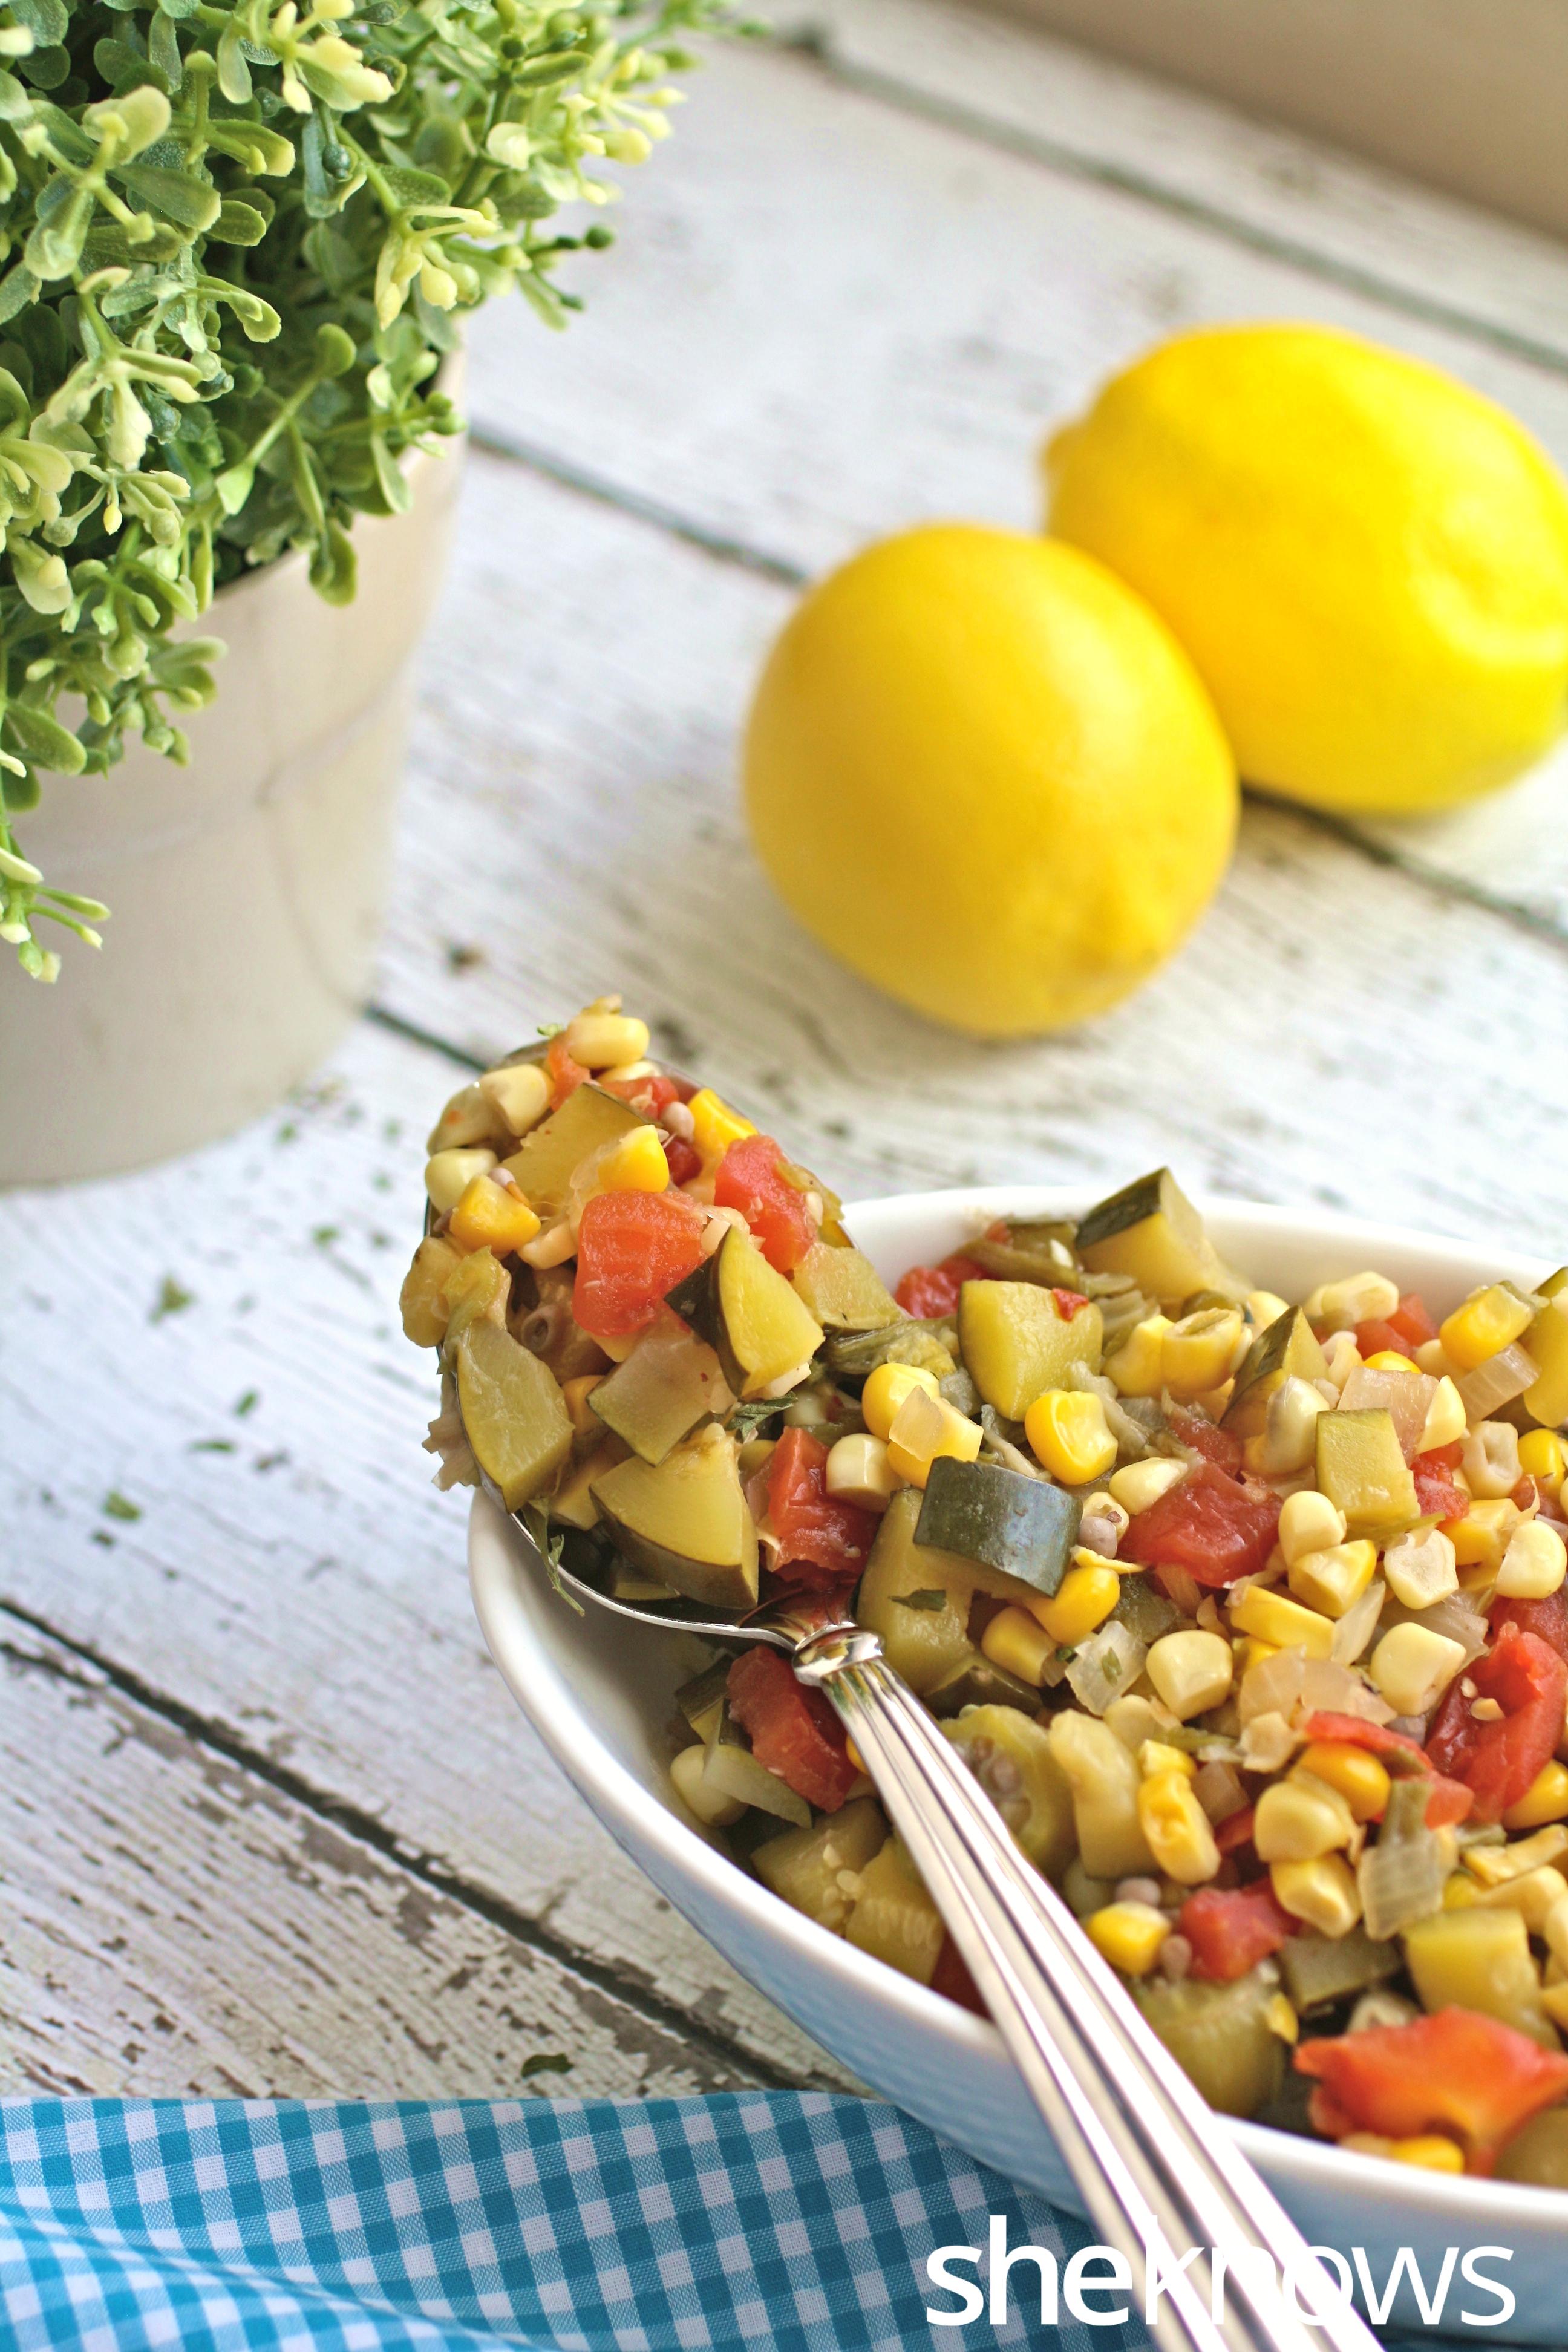 Spoonful-slow-cooker-summer-vegetable-succotash